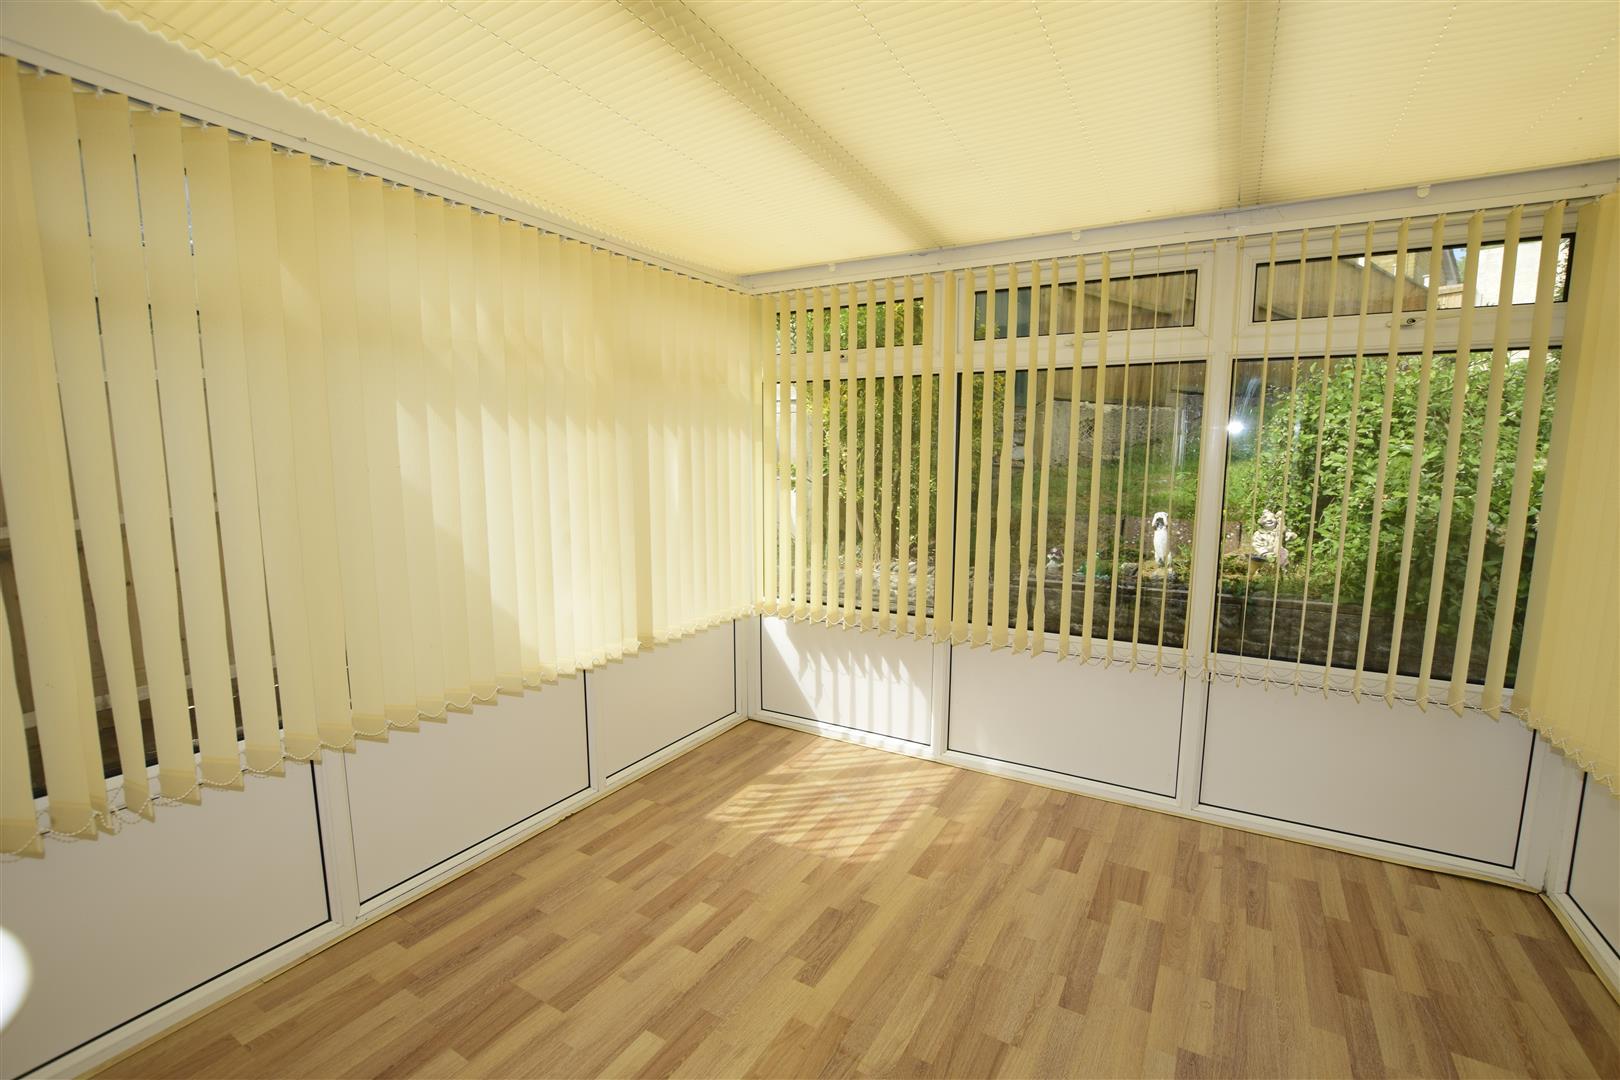 Summer Room / Dining Area